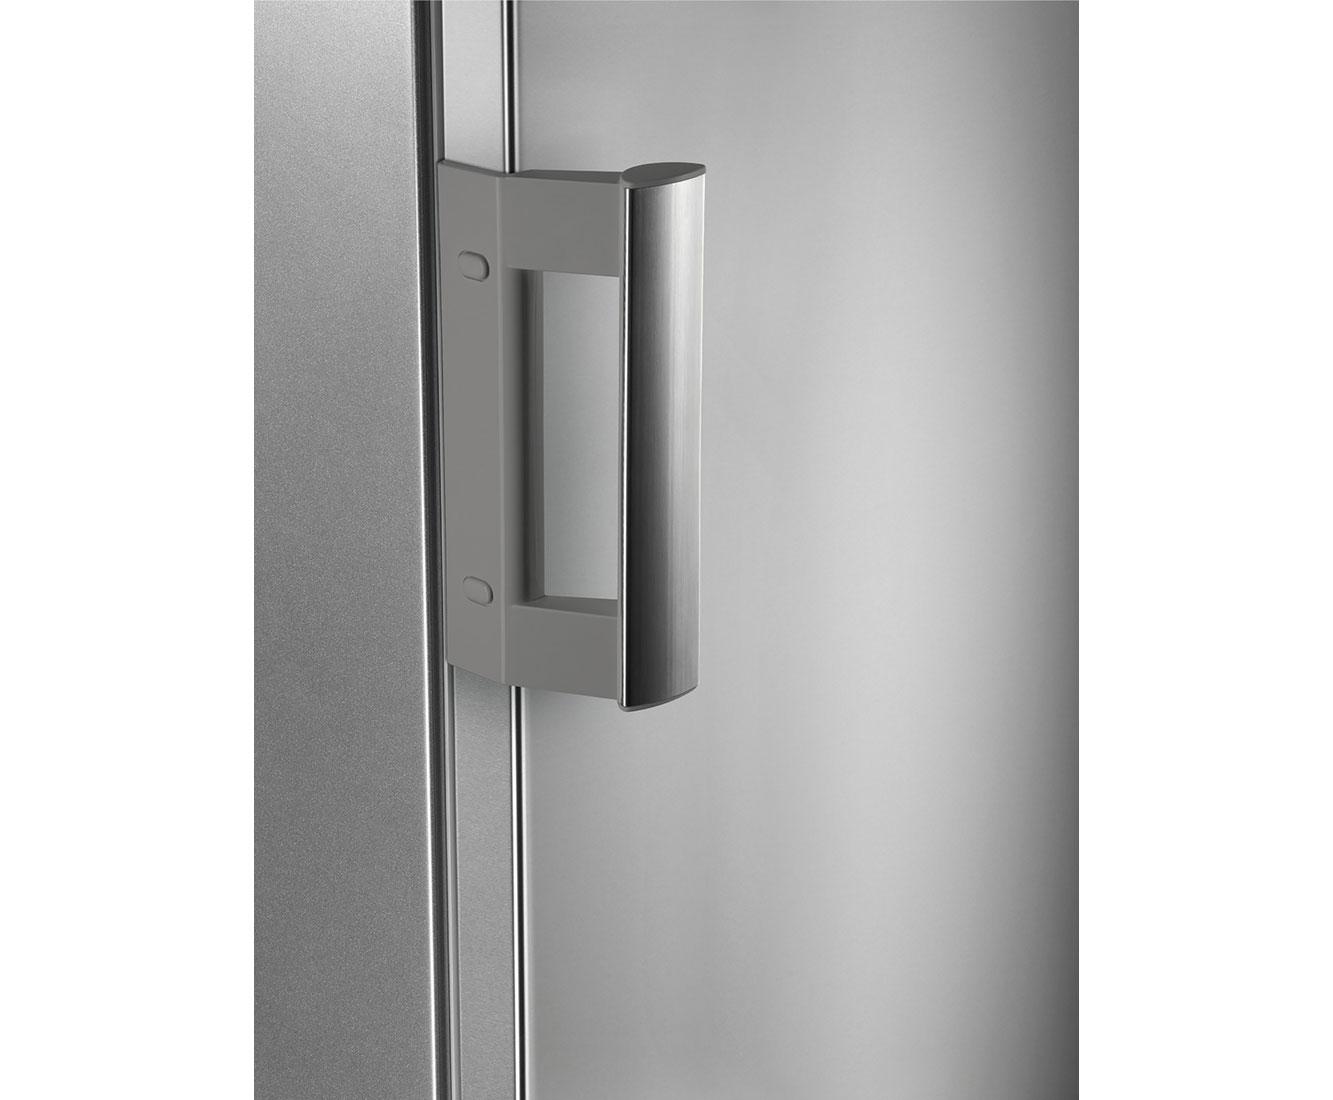 Aeg Kühlschrank Gebraucht : Aeg santo rfb ax kühlschrank mit gefrierfach edelstahl a